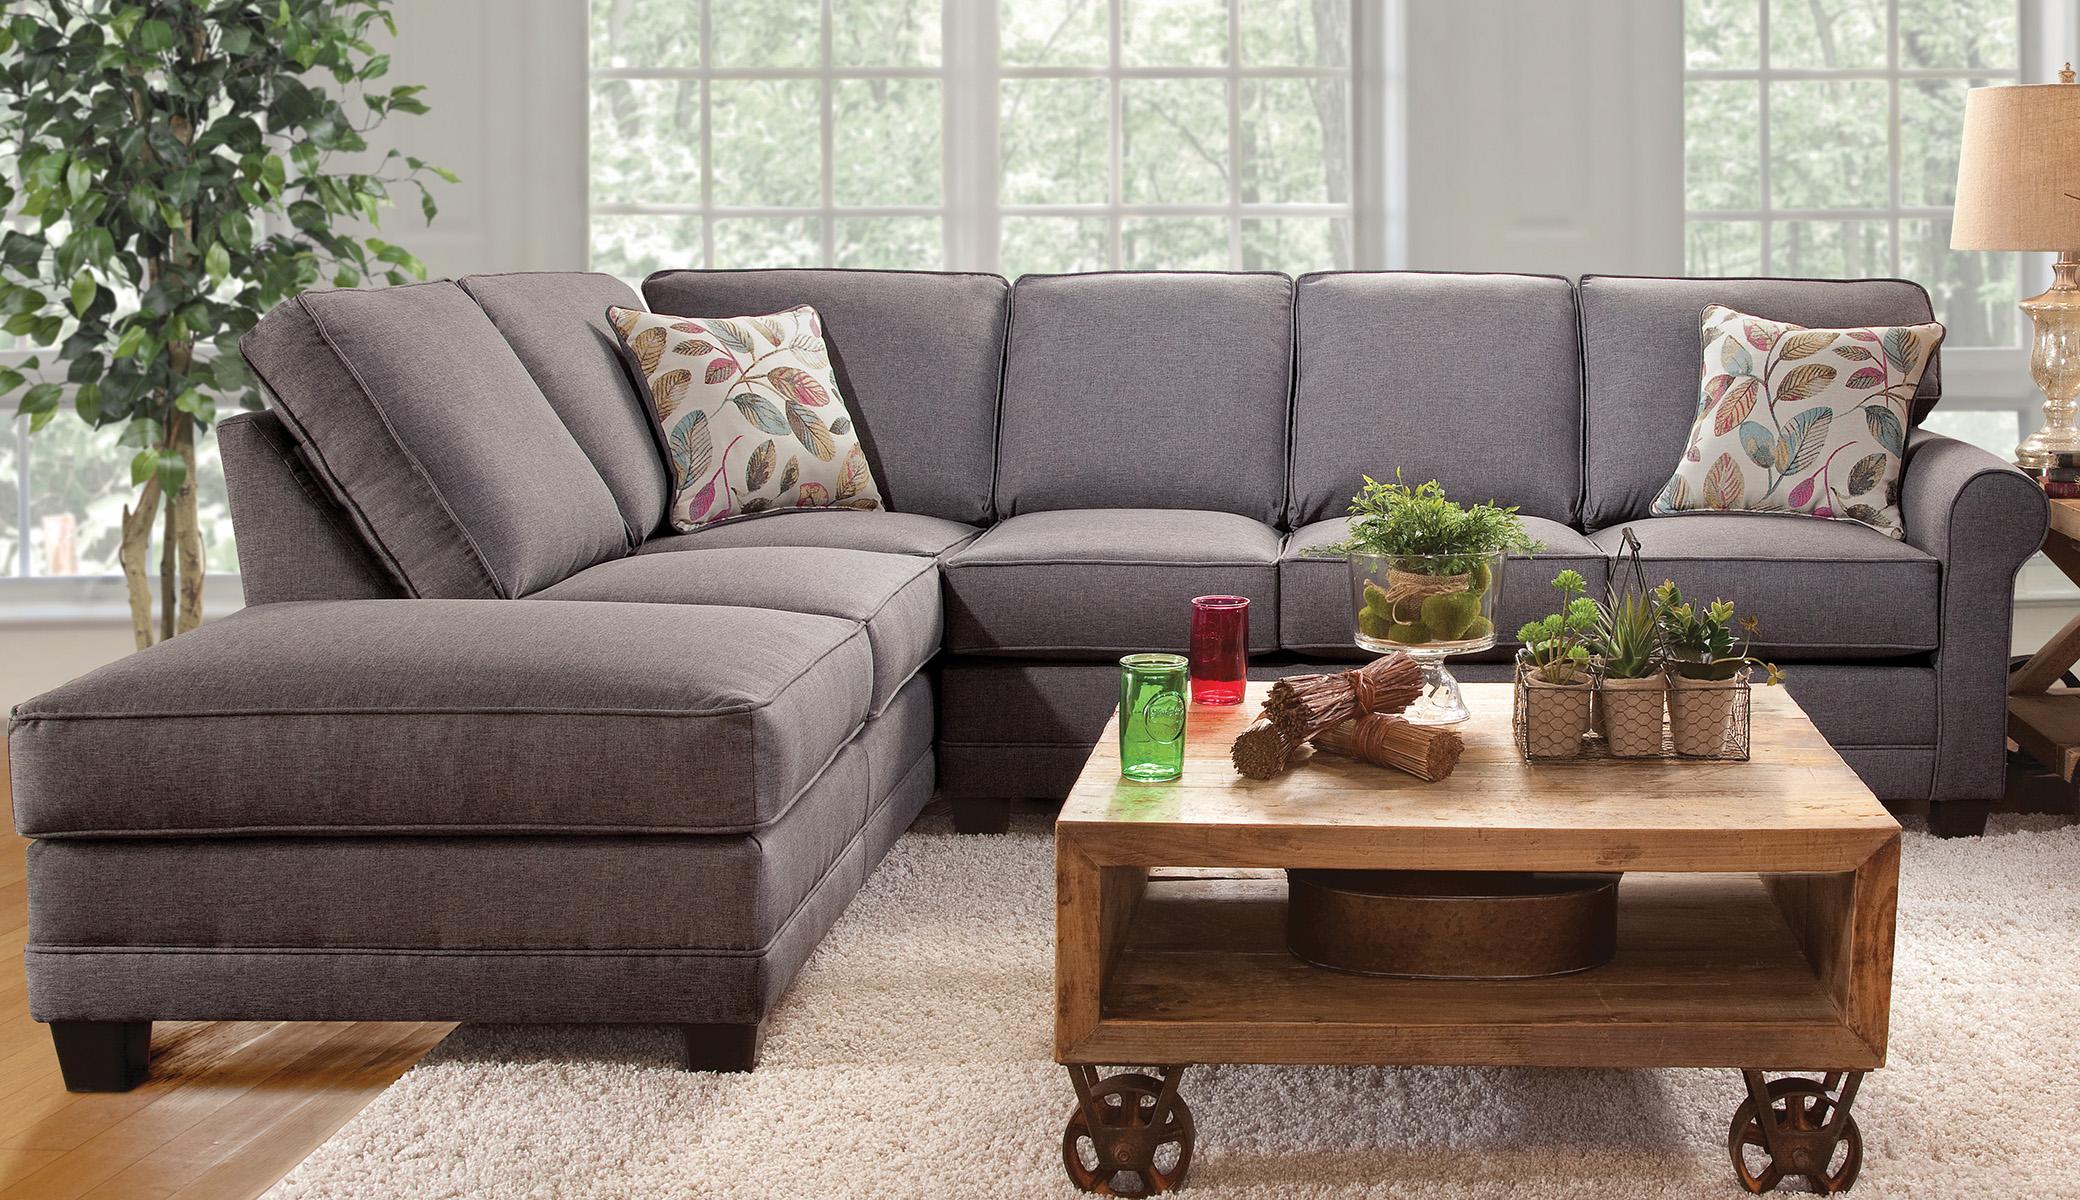 Jitterbug Gray - Sectional - Serta Upholstery